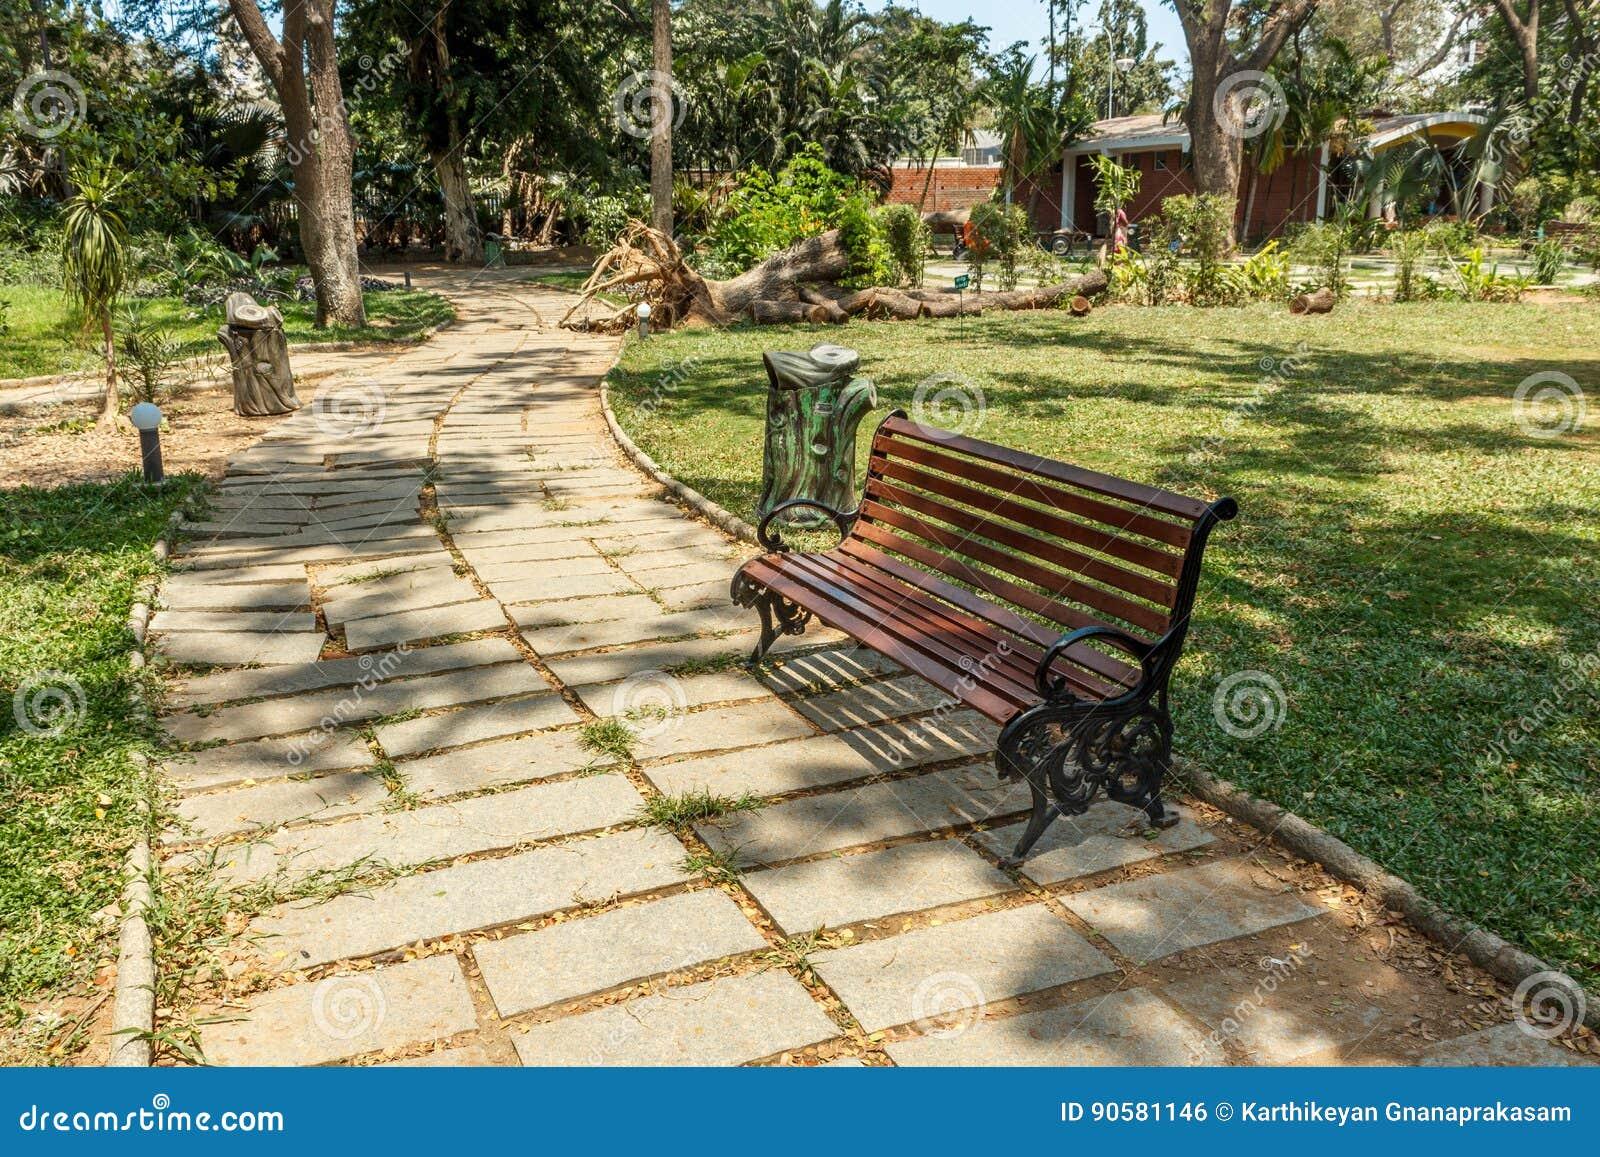 Ευρεία άποψη του πράσινου κήπου με τη χλόη, τα δέντρα, τις εγκαταστάσεις, τις σκιές και τη διάβαση, Chennai, nadu του Ταμίλ, Ινδί